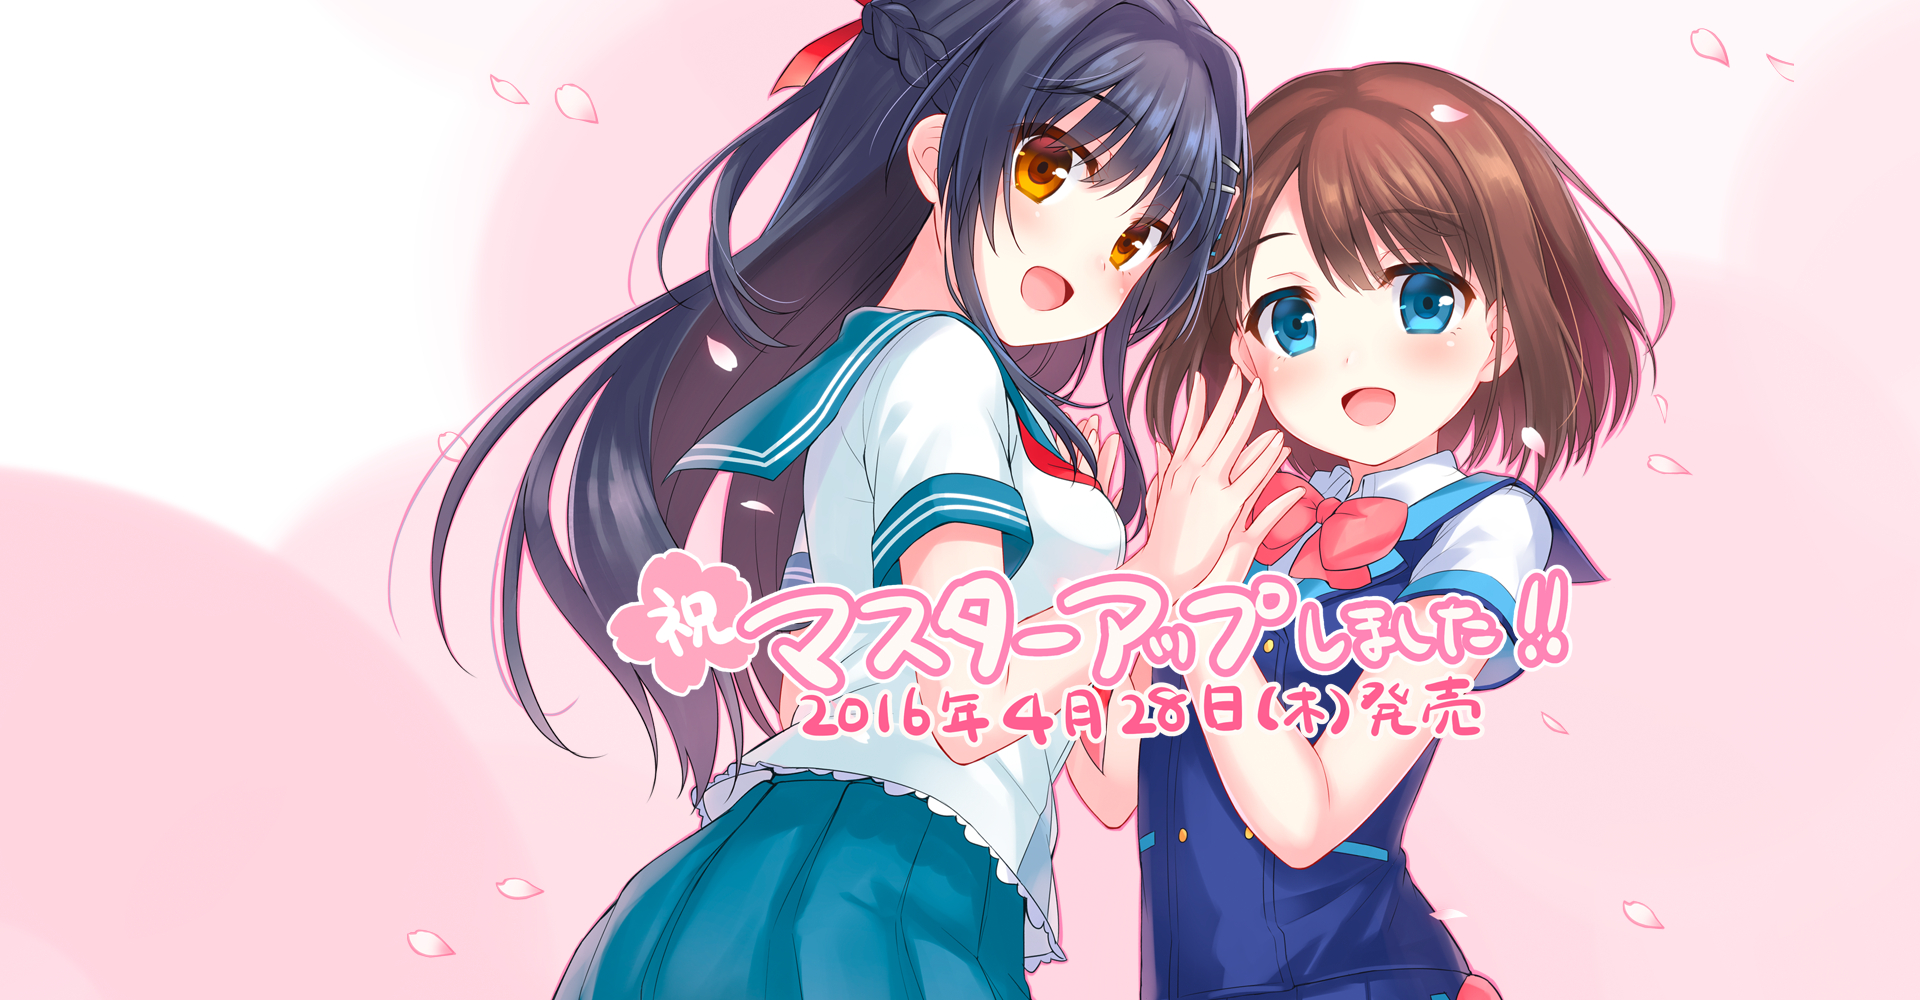 Onii-chan, Kiss no Junbi wa Mada Desu ka? - GameSpot